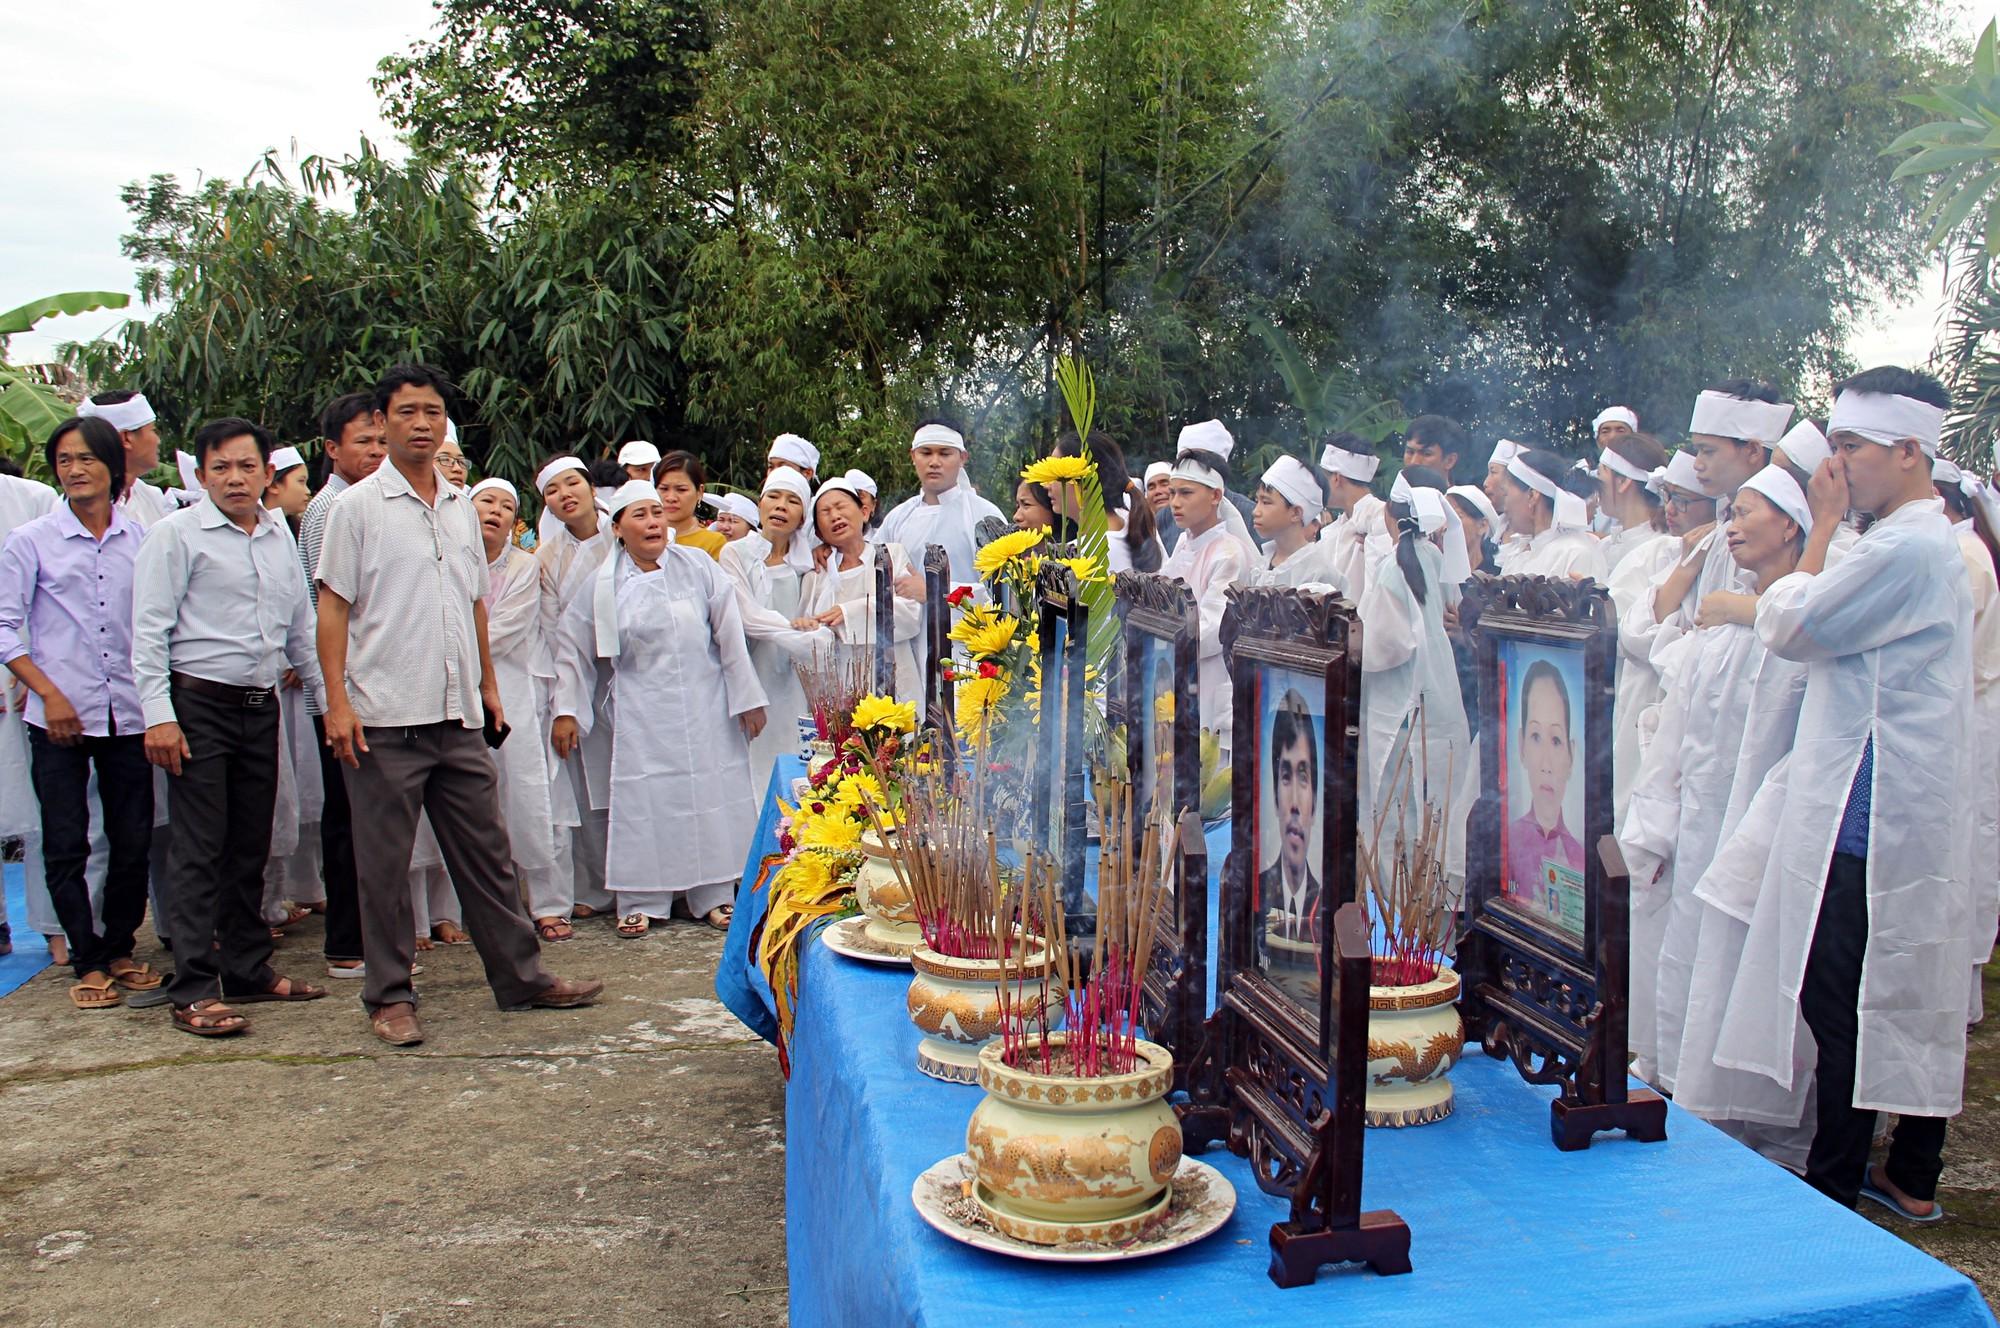 Đẫm nước mắt đại tang ở Lương Điền: Người thân bước đi không vững trong lễ yết tổ của 13 nạn nhân đoàn rước dâu - Ảnh 3.